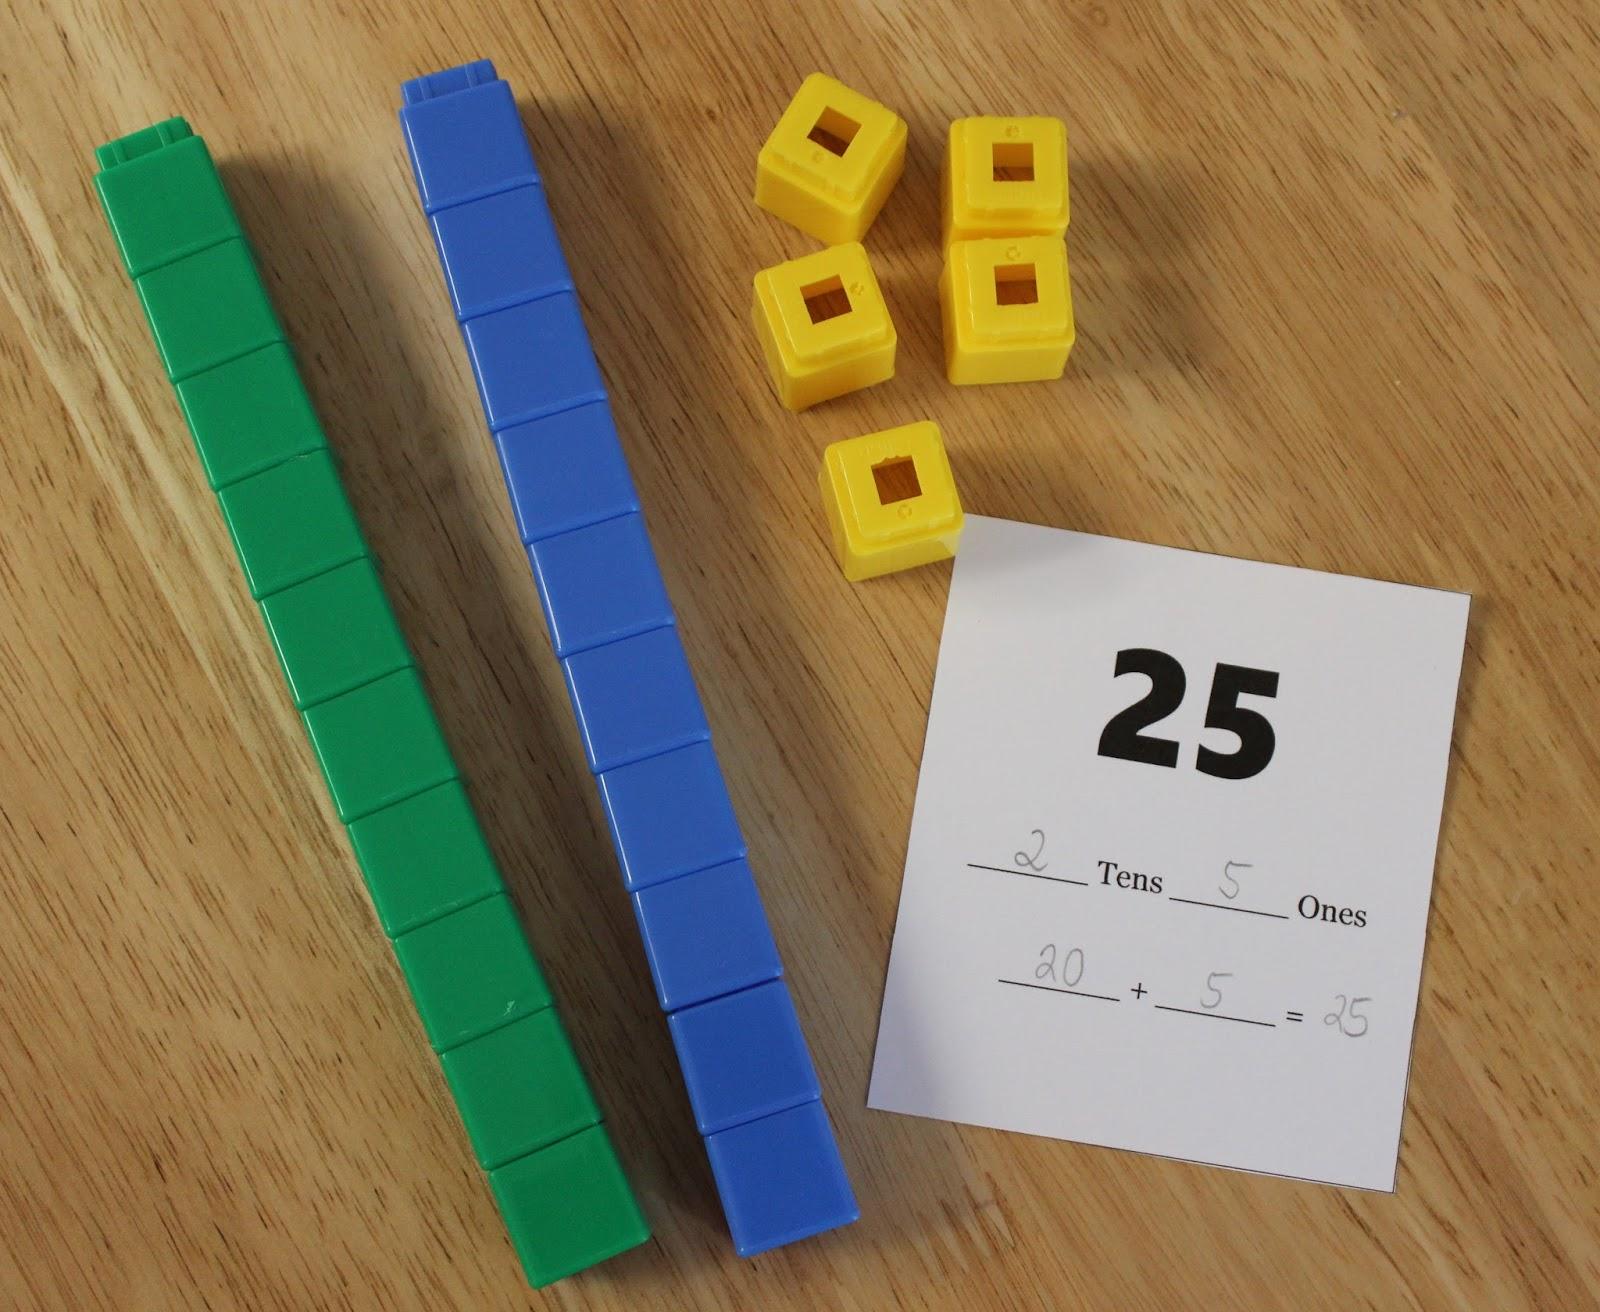 Unifix Cubes Activities Plus Free Printables